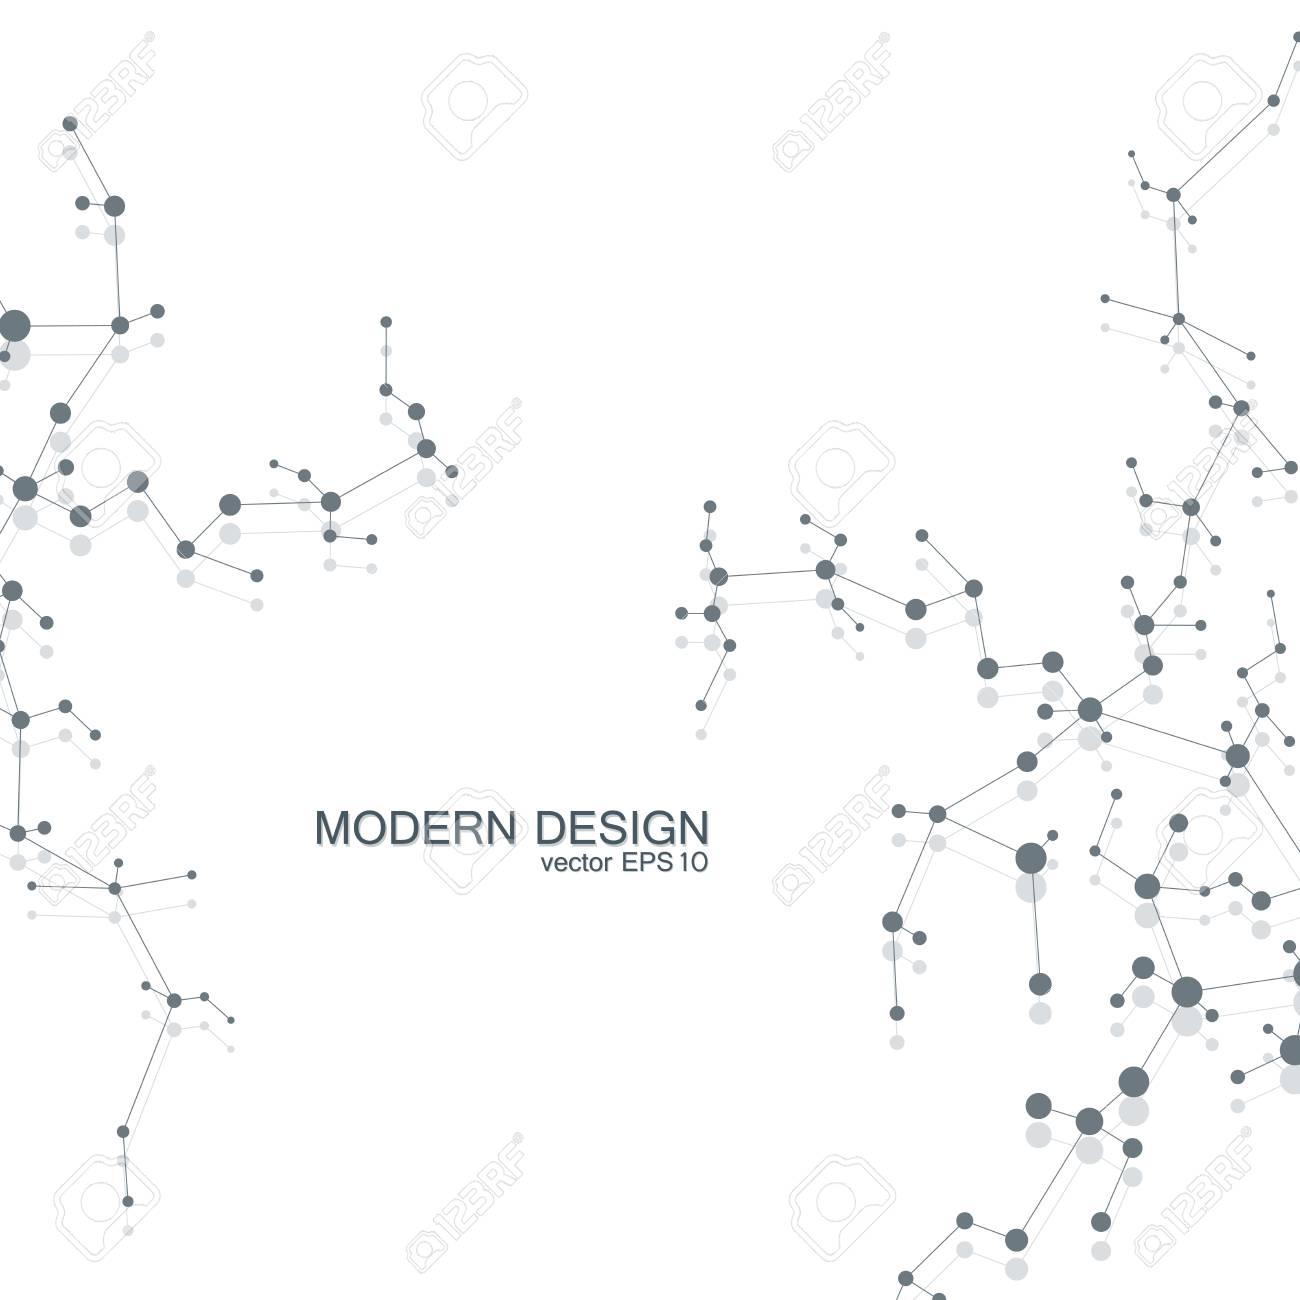 Da Estrutura Da Molécula De Dna E Neurônios átomo Estrutural Compostos Químicos Medicina Ciência Tecnologia Conceito Fundo Abstrato Geométrico